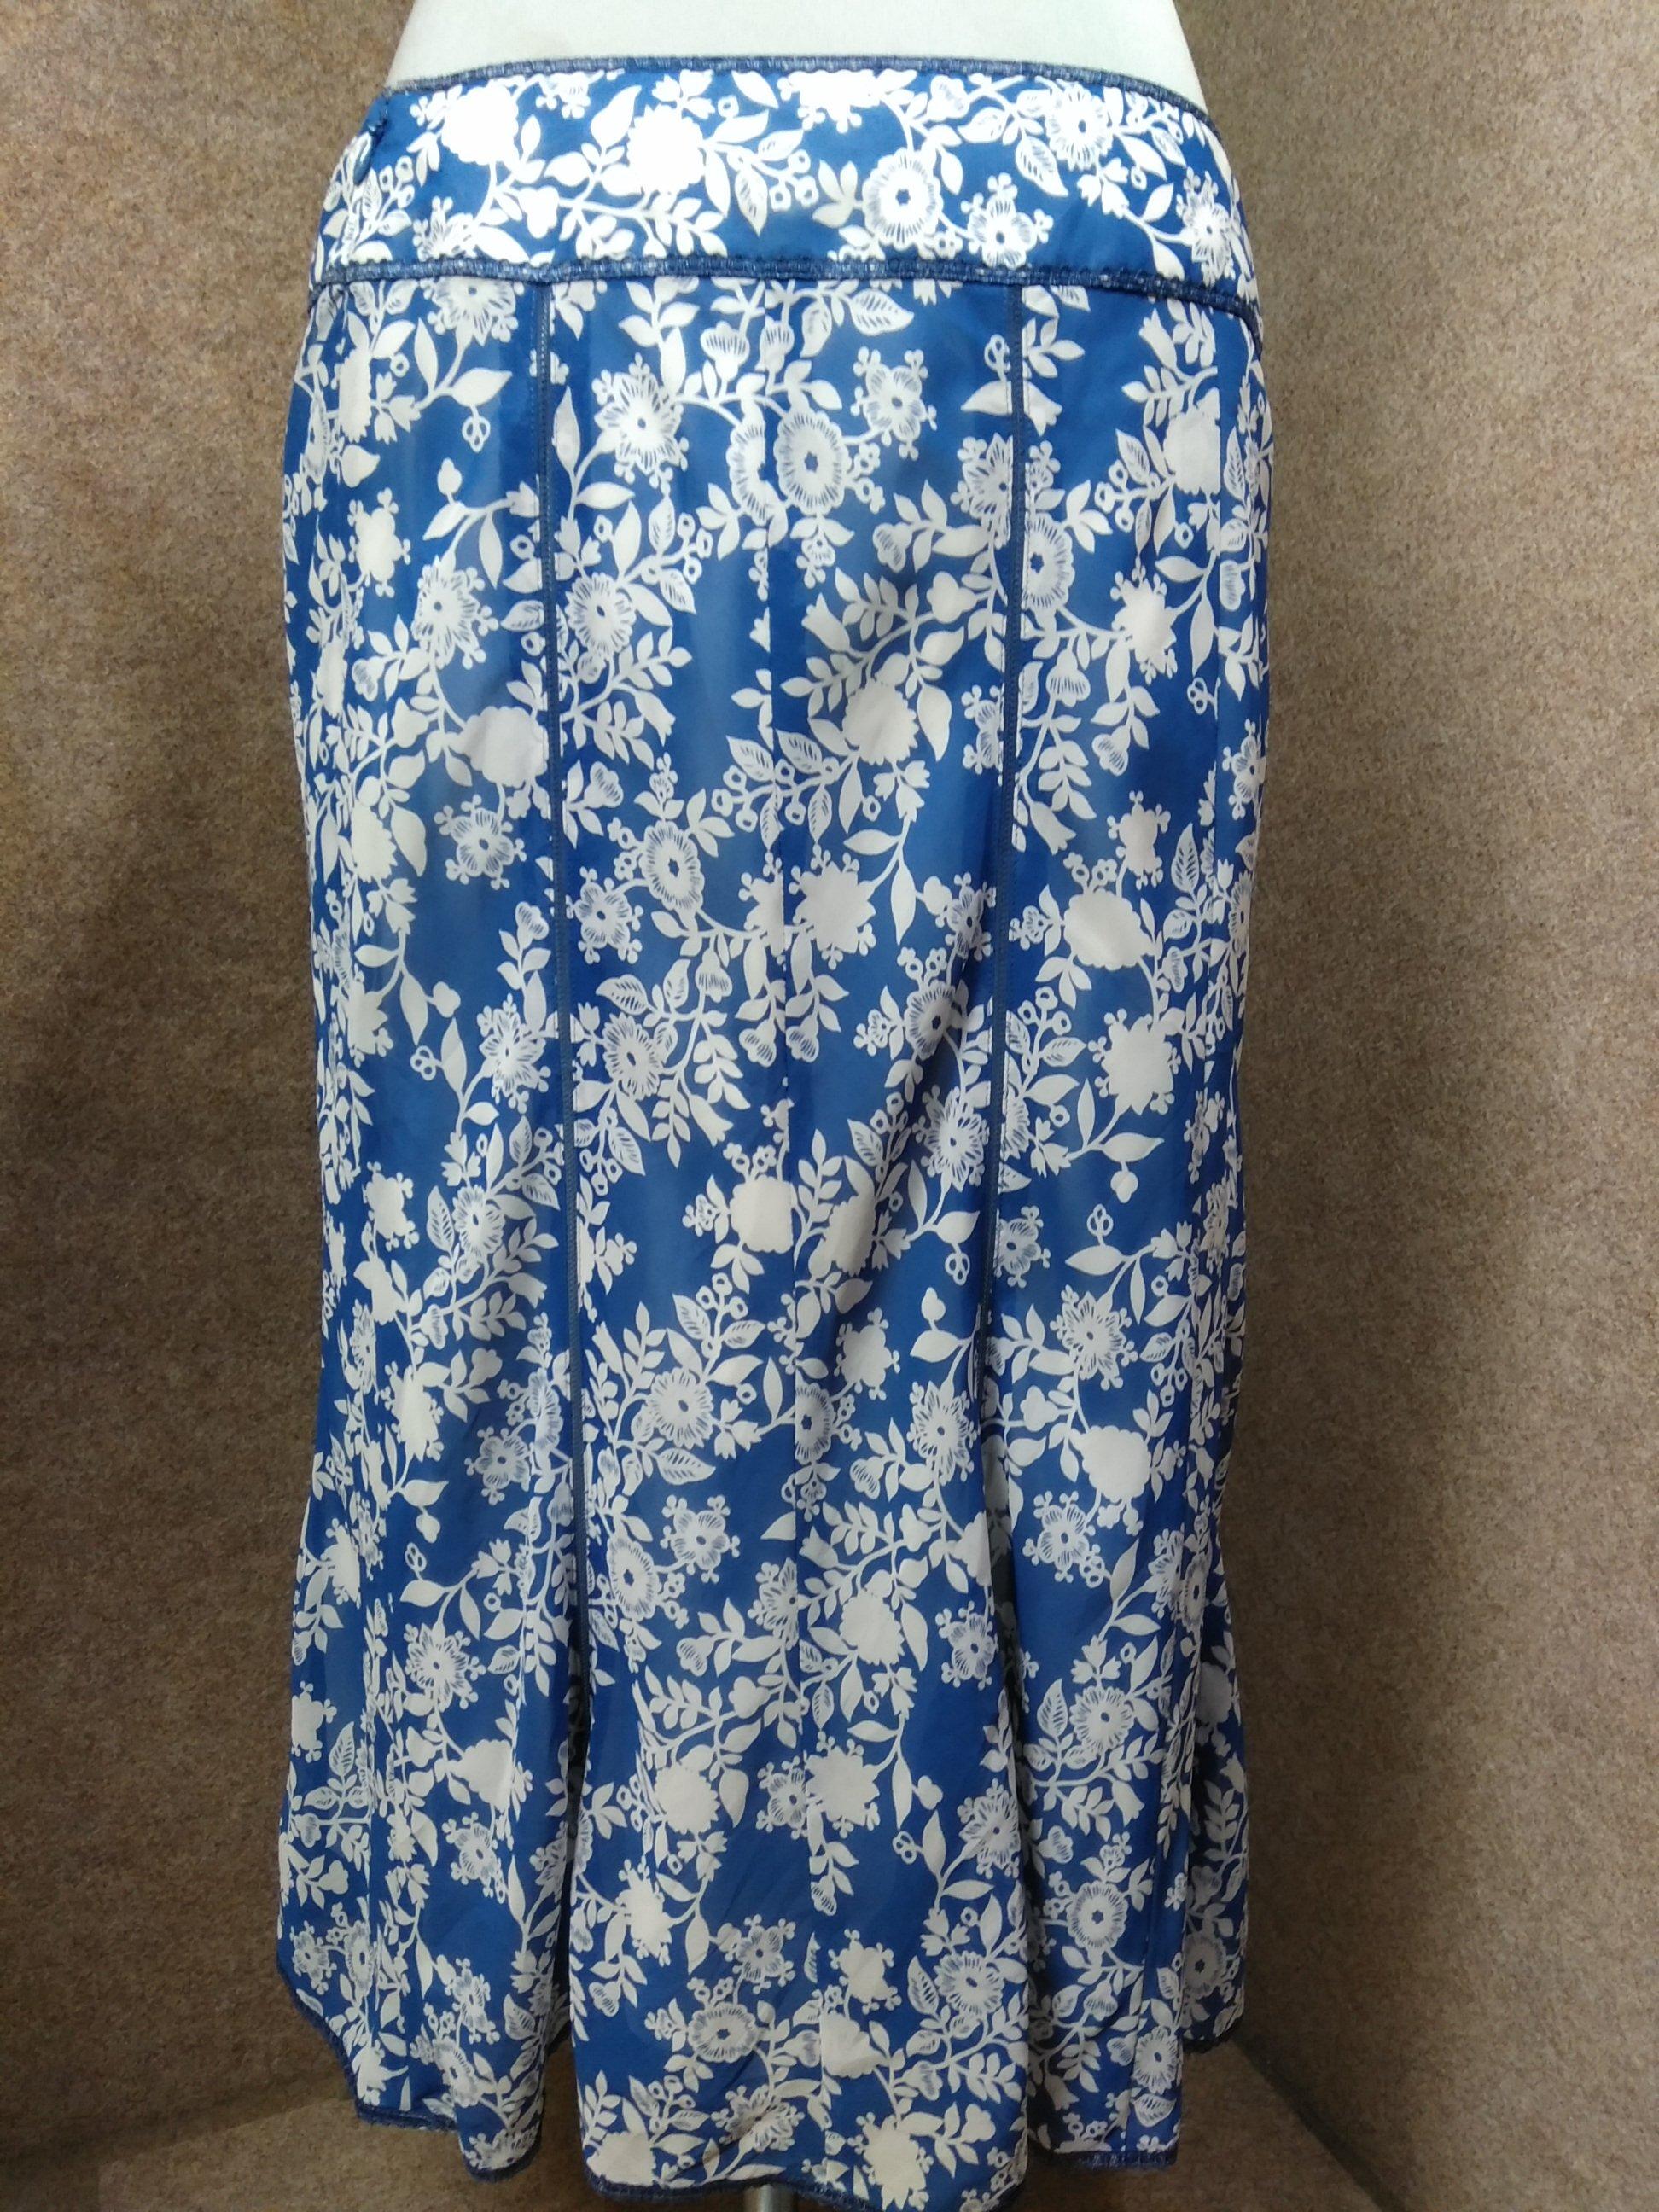 自由区 花柄 スカート 44 大きいサイズ ブルー系 オーガンジー mu764e